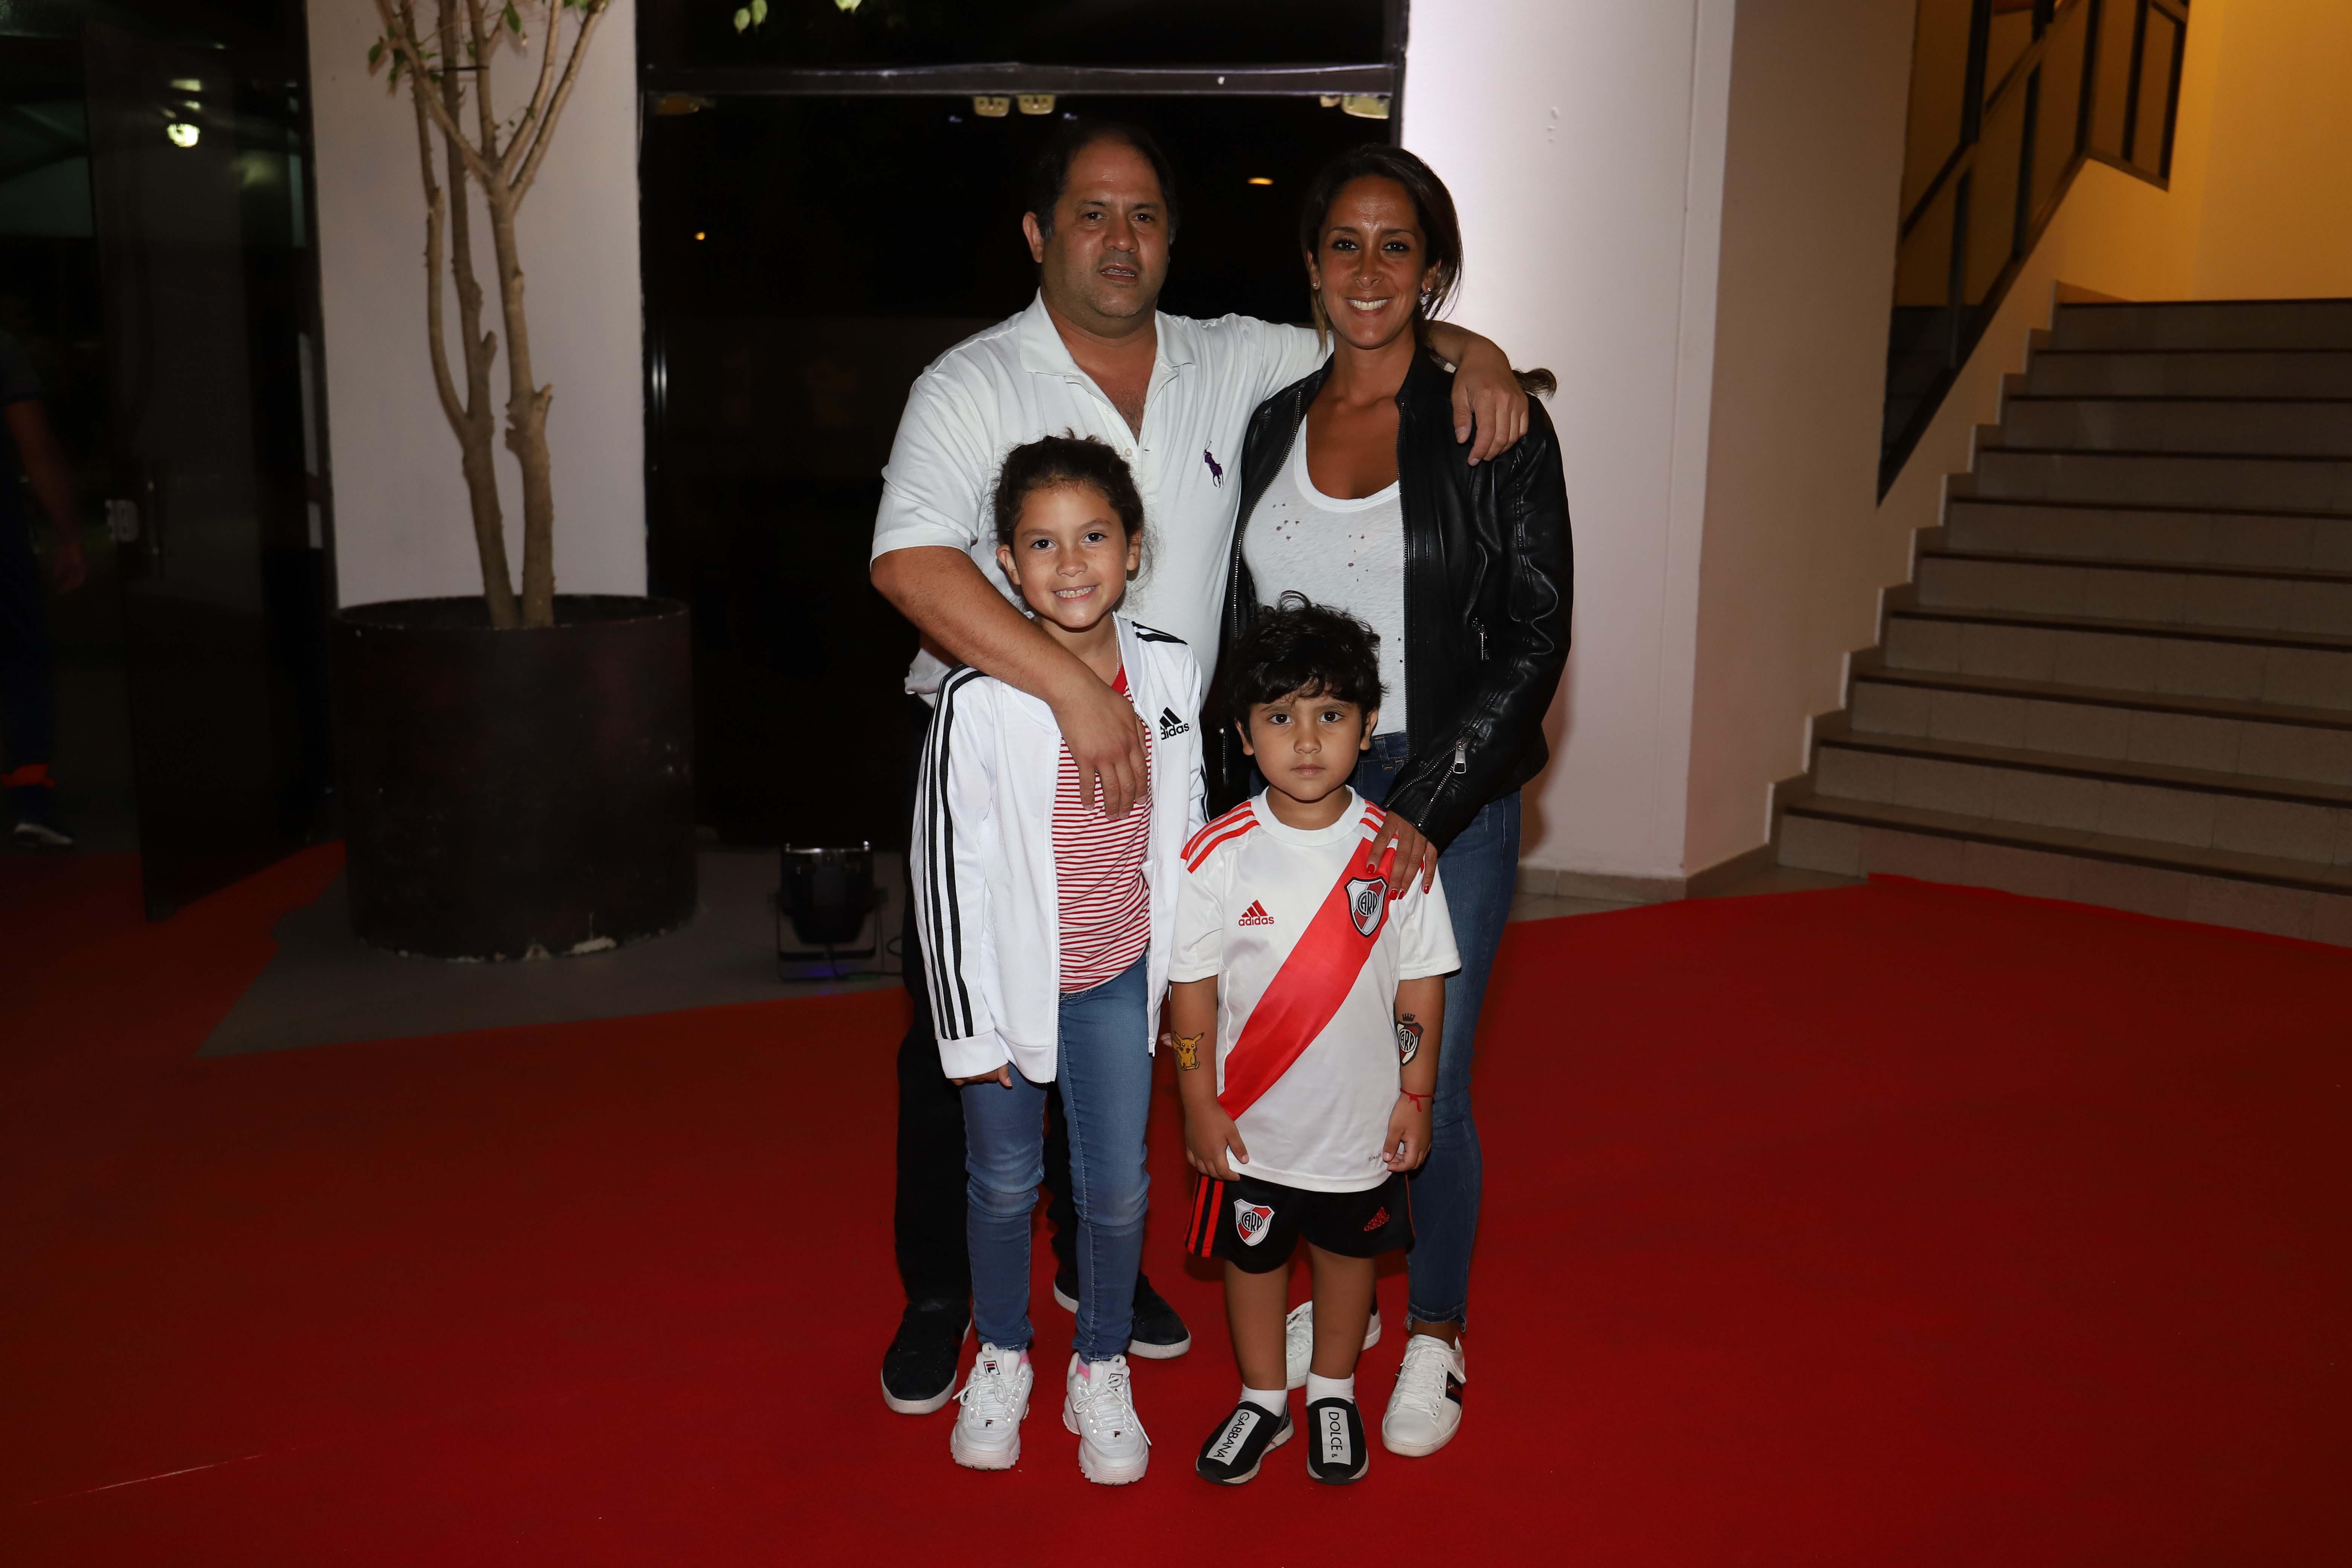 Felipe y Vanesa Noble Herrera junto a sus hijos Mora y León